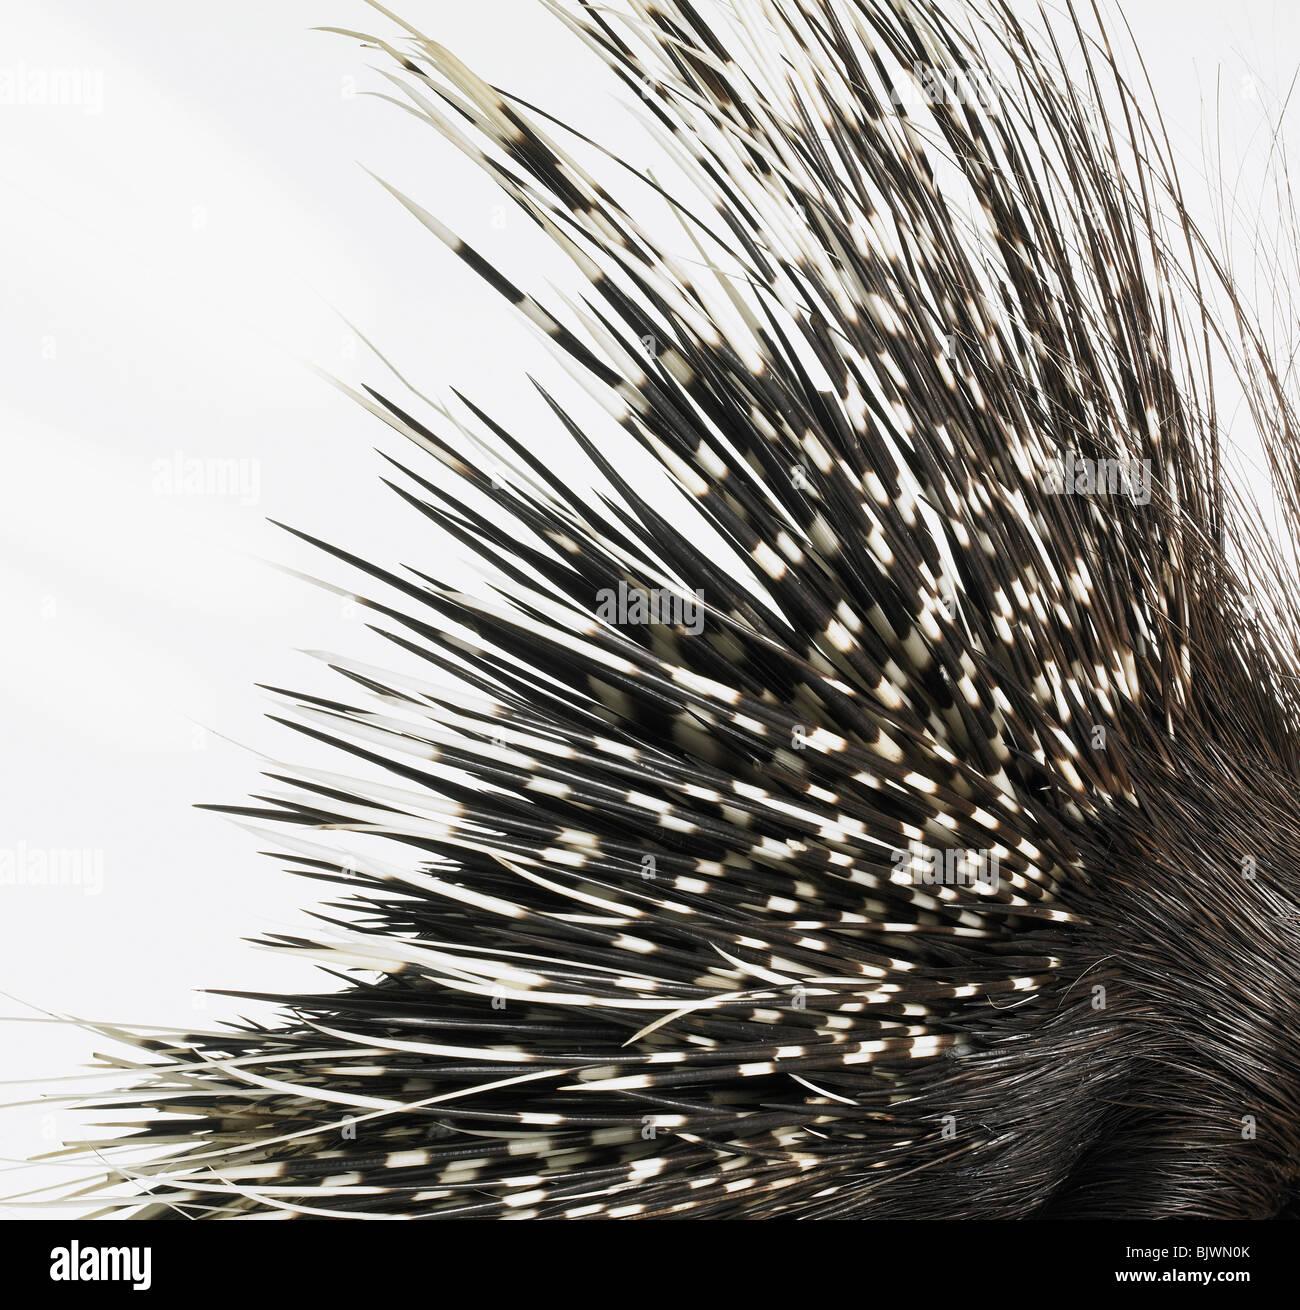 Porcupine quills Immagini Stock